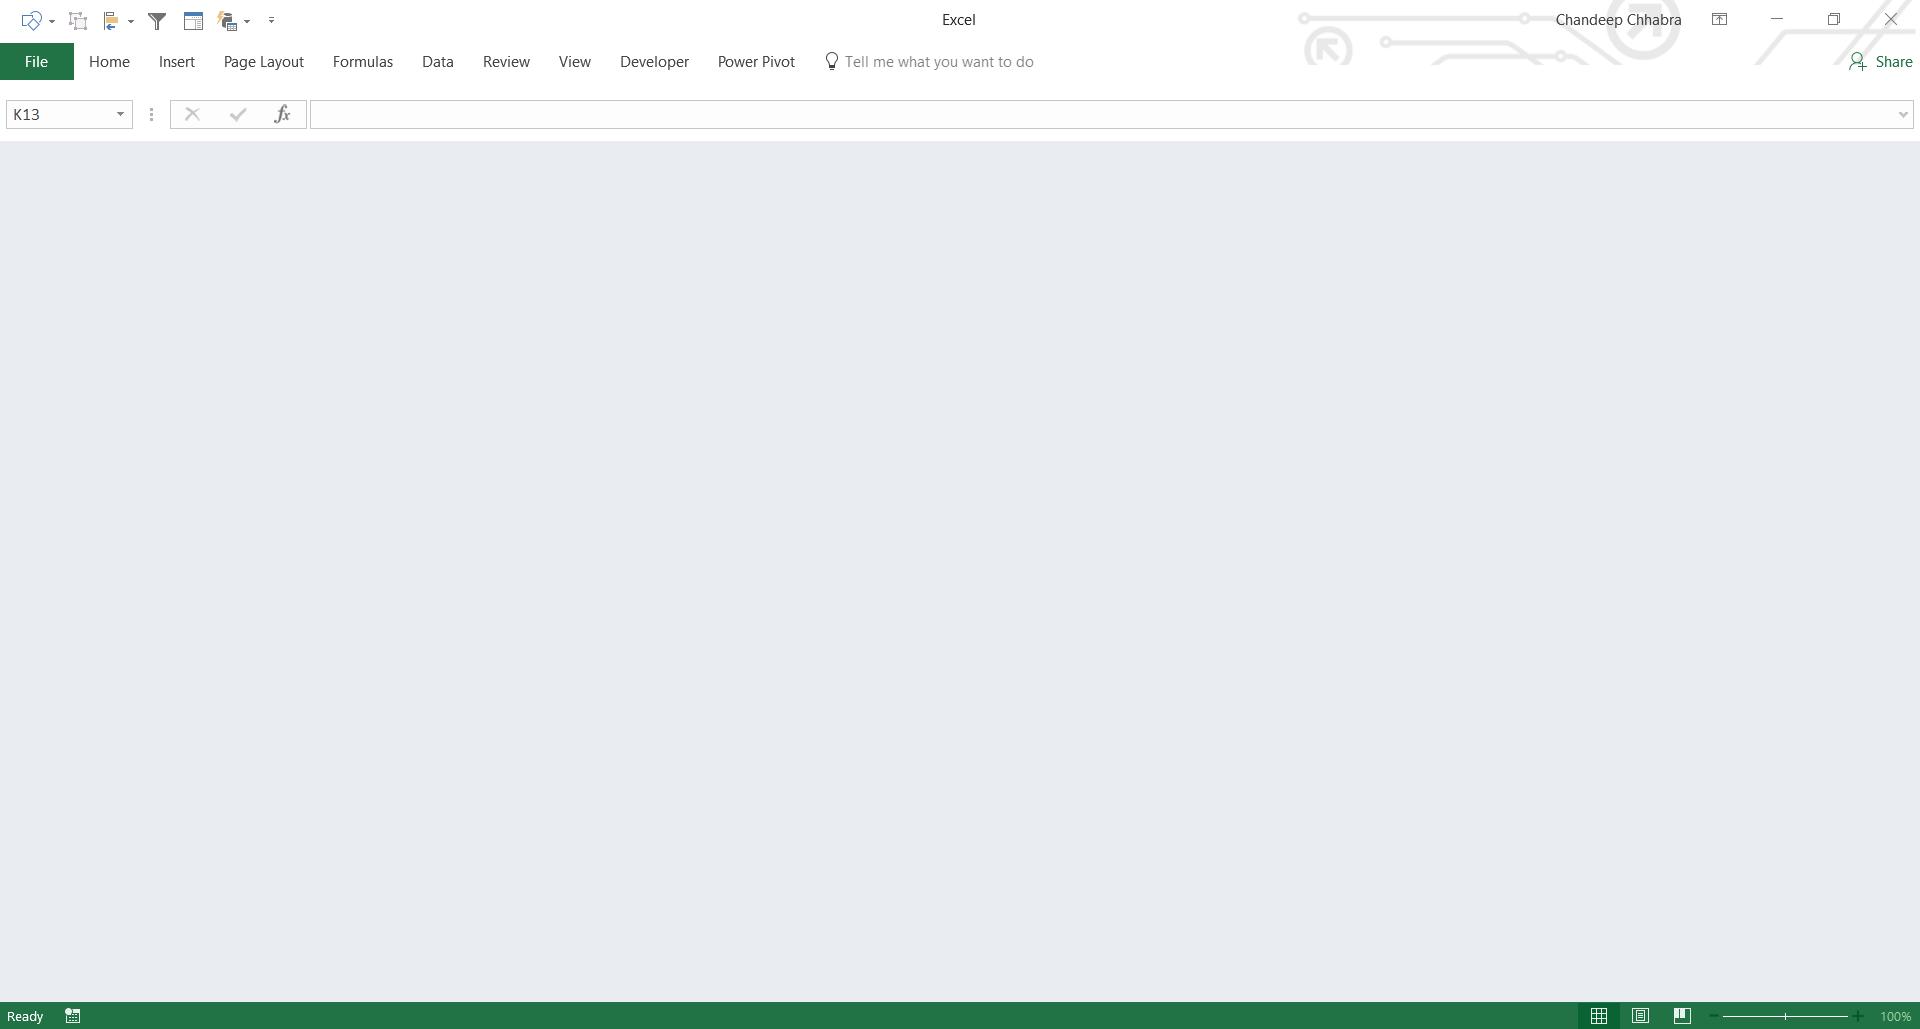 Hide Unhide Excel Window